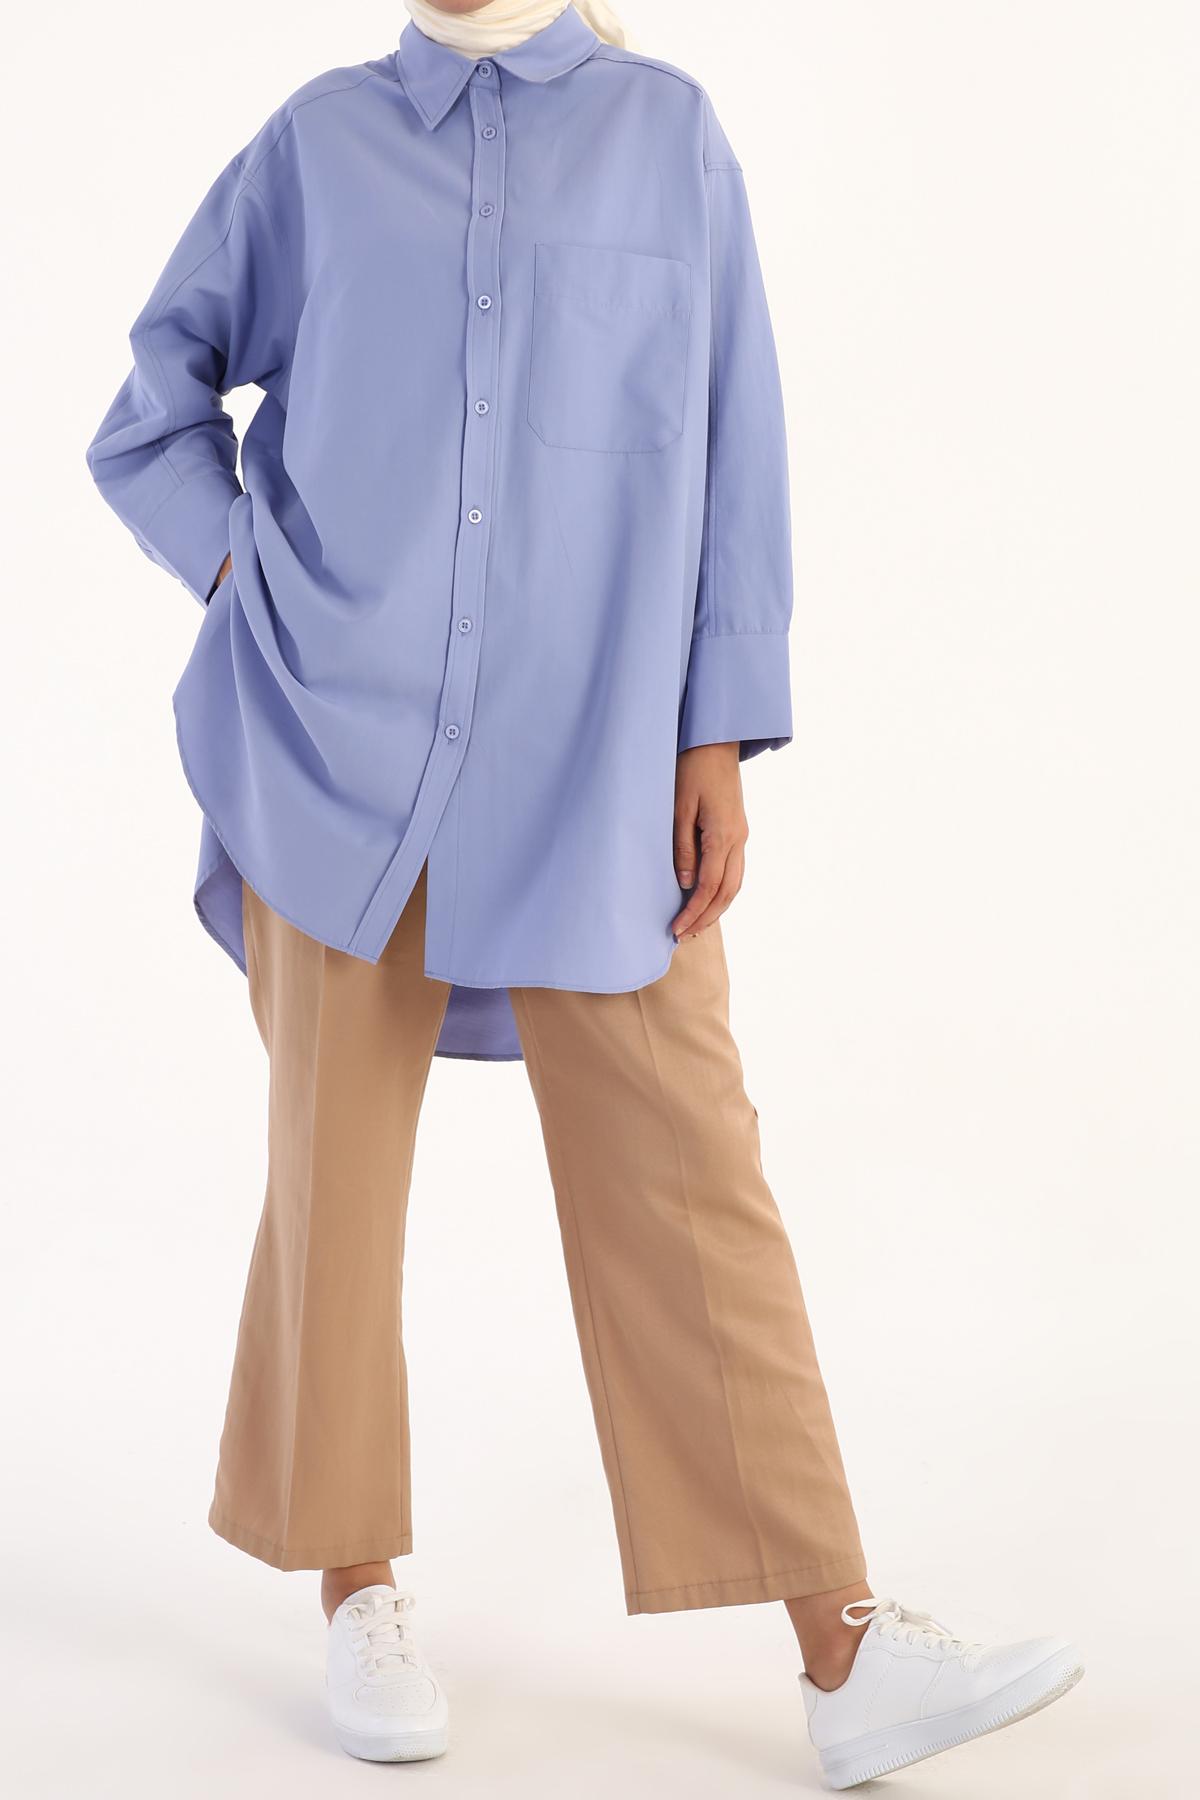 Oversize One Pocket Front Shirt Tunic